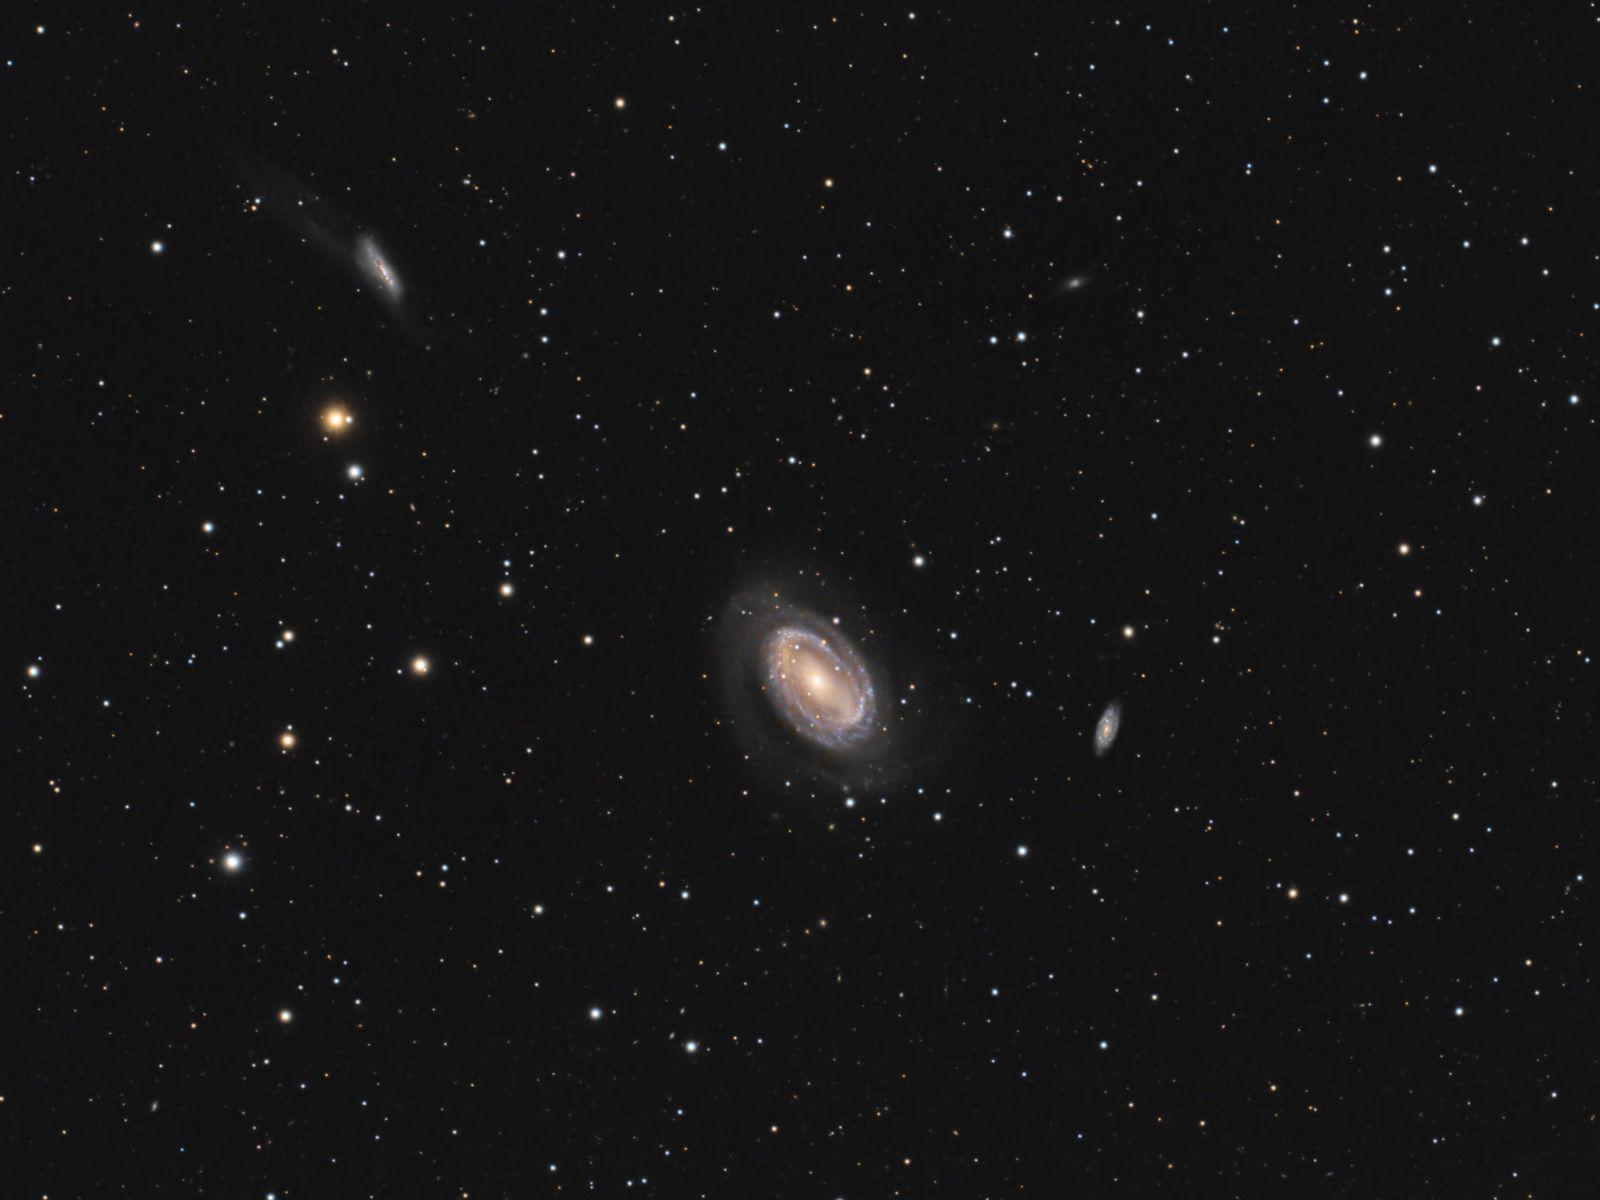 NGC4275